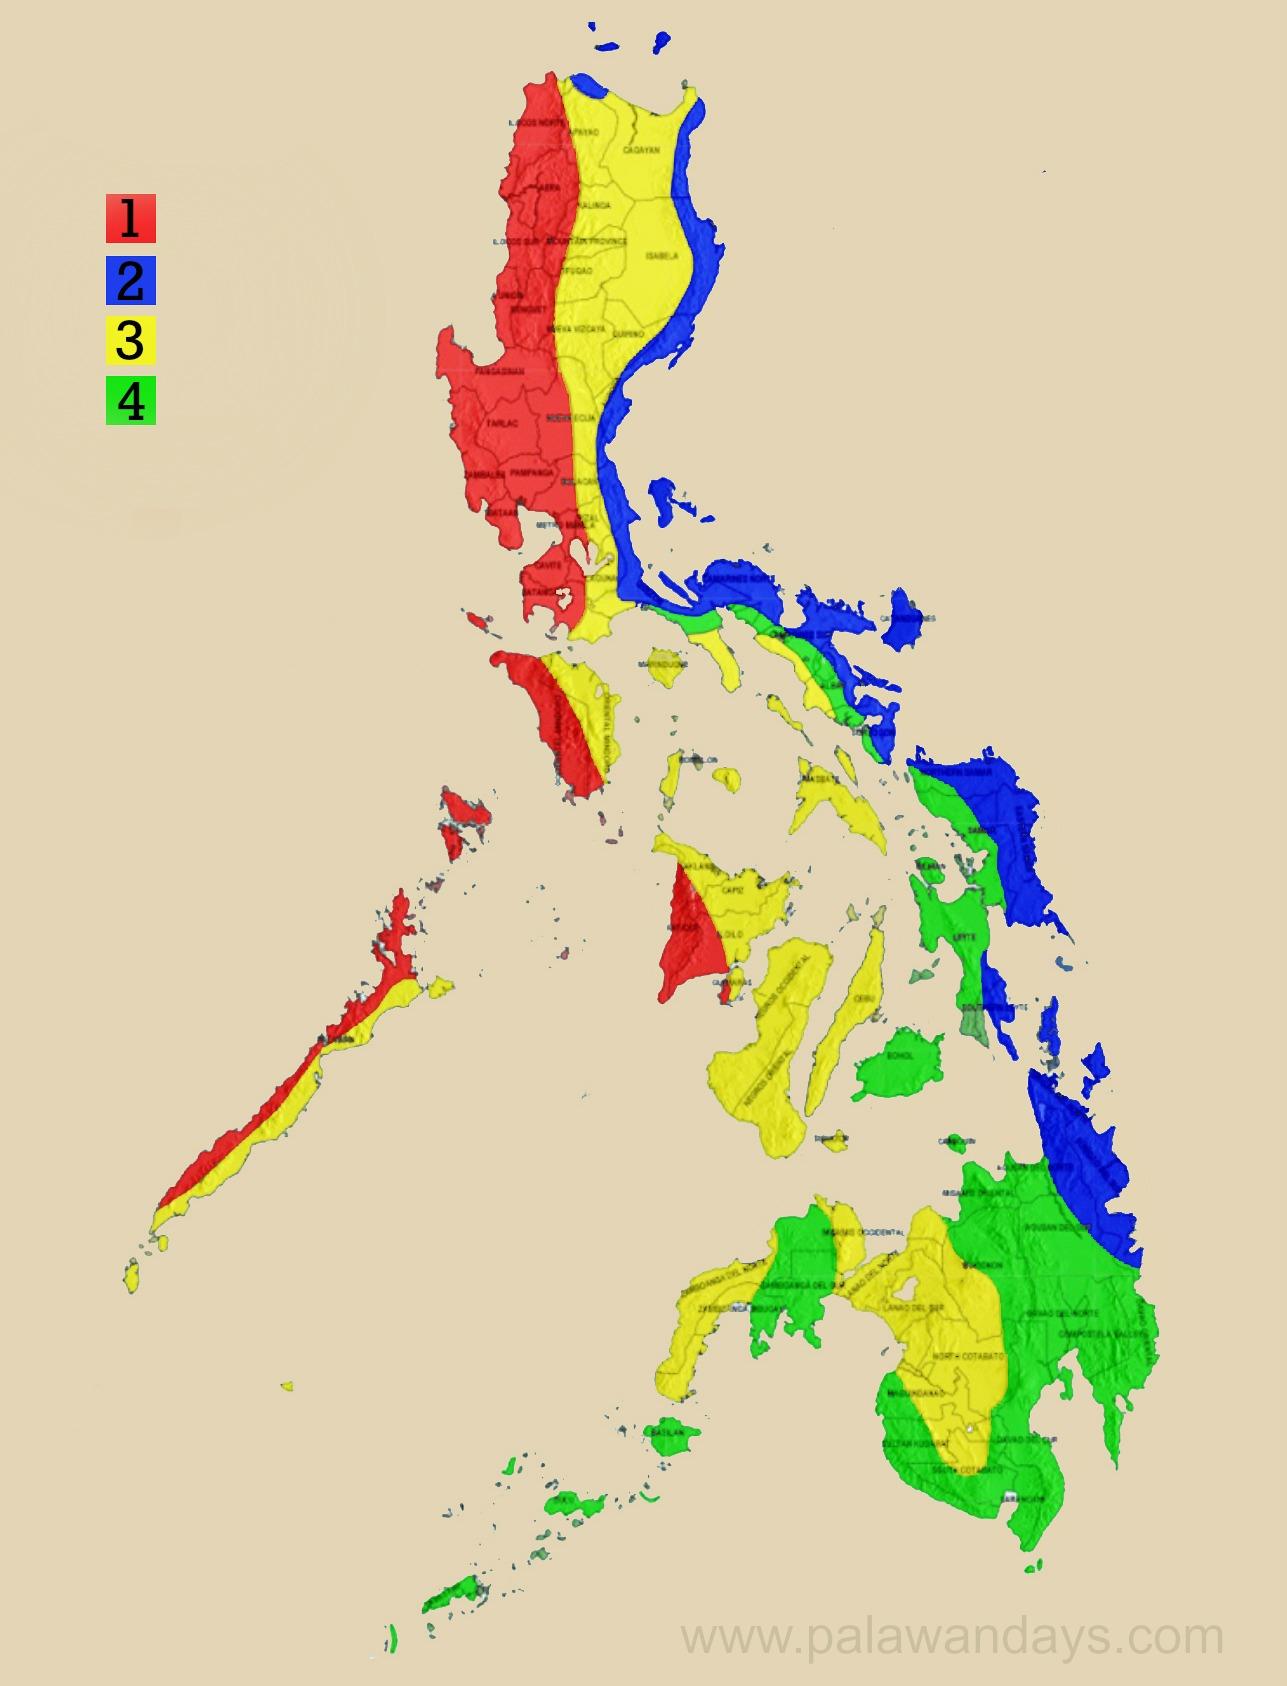 Погода на Филиппинах. Климат на острове Палаван.